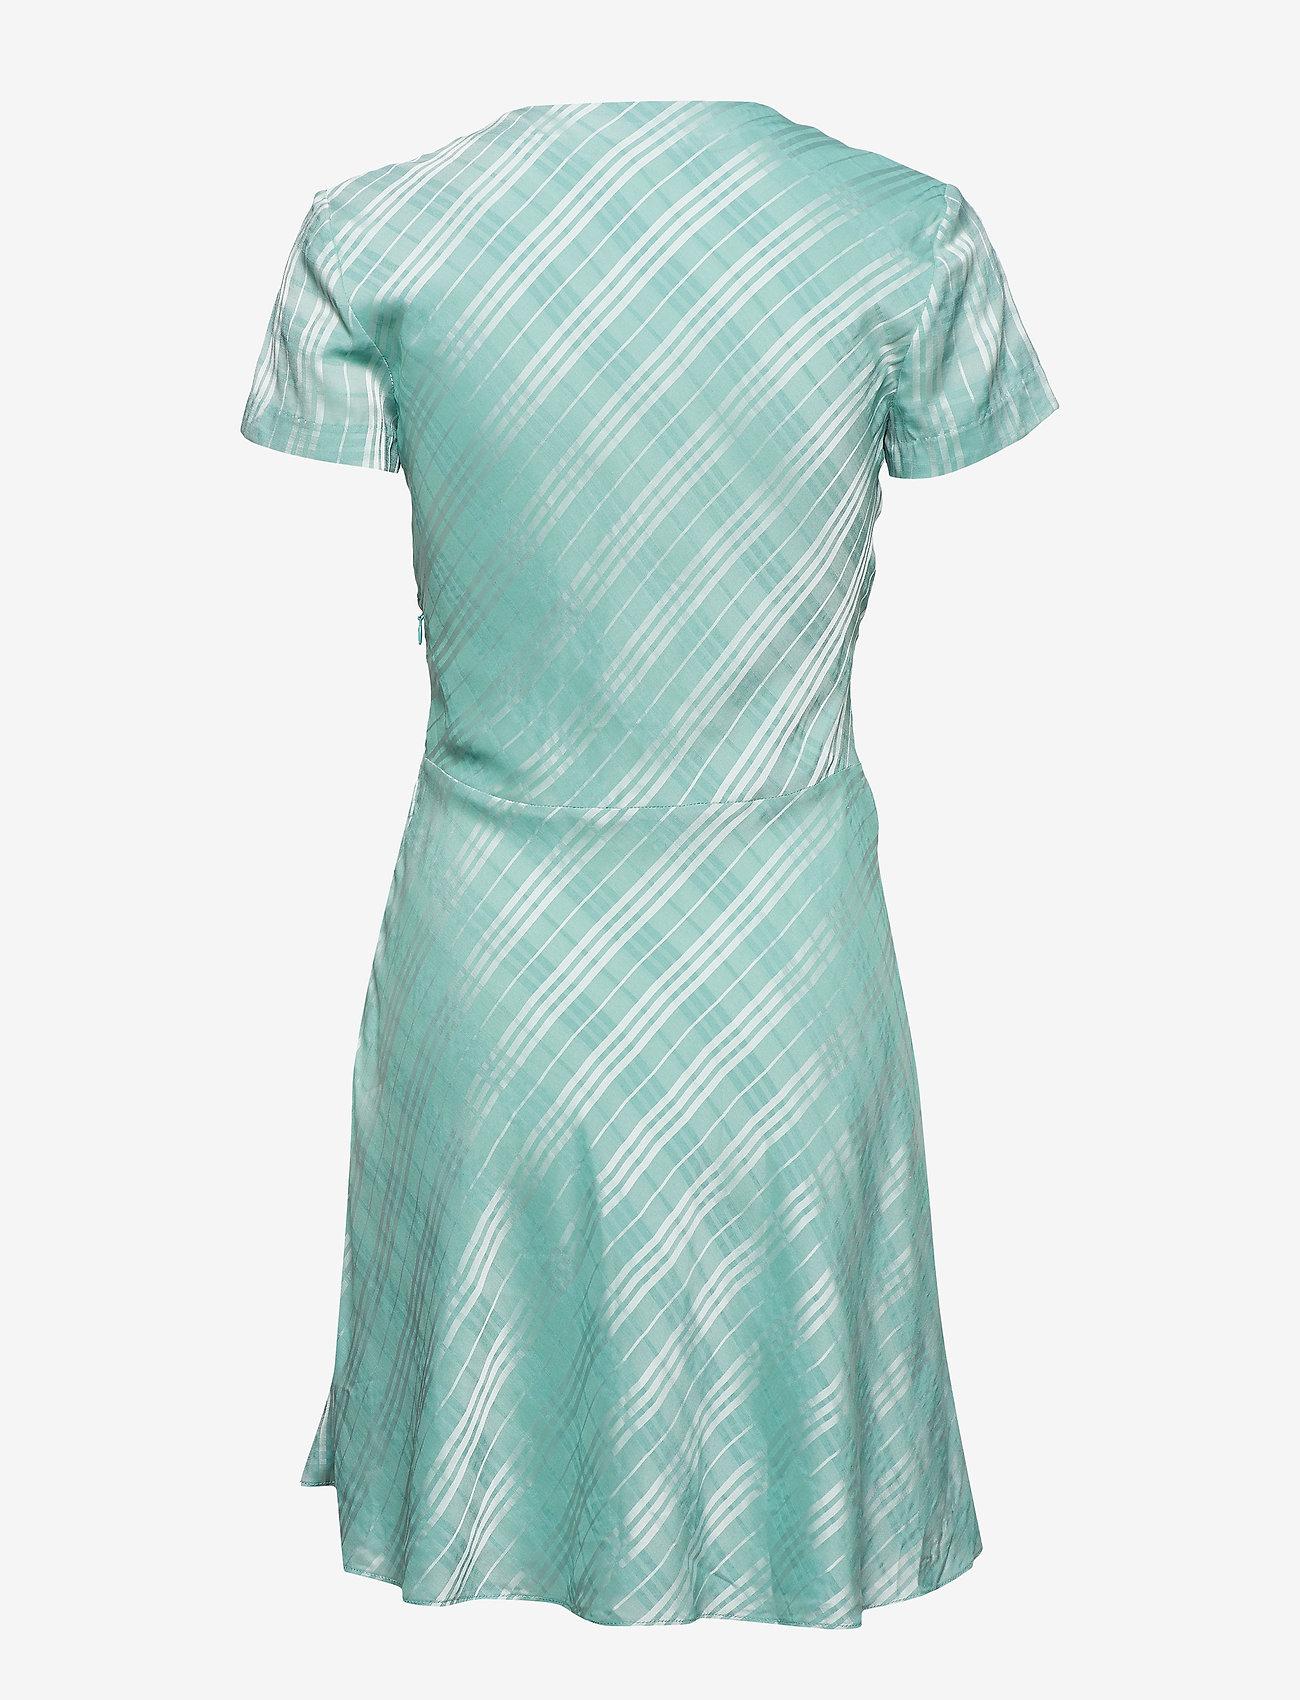 Samsøe Samsøe Cindy short dress 10866 - Dresses BERYL GREEN